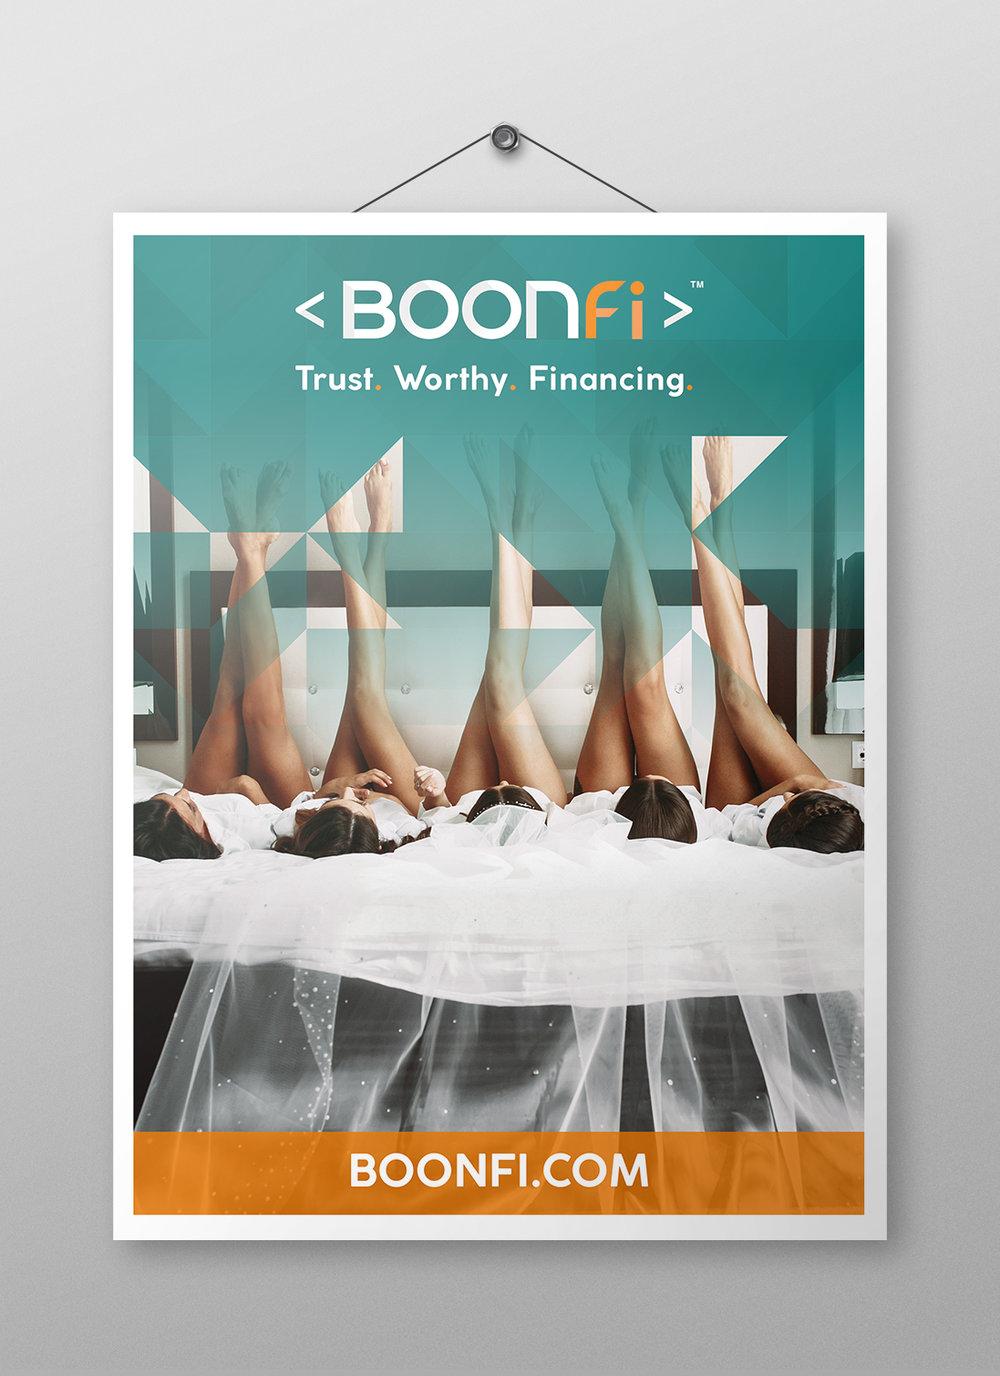 boonfi-branding-poster-graphic-design-company-reno